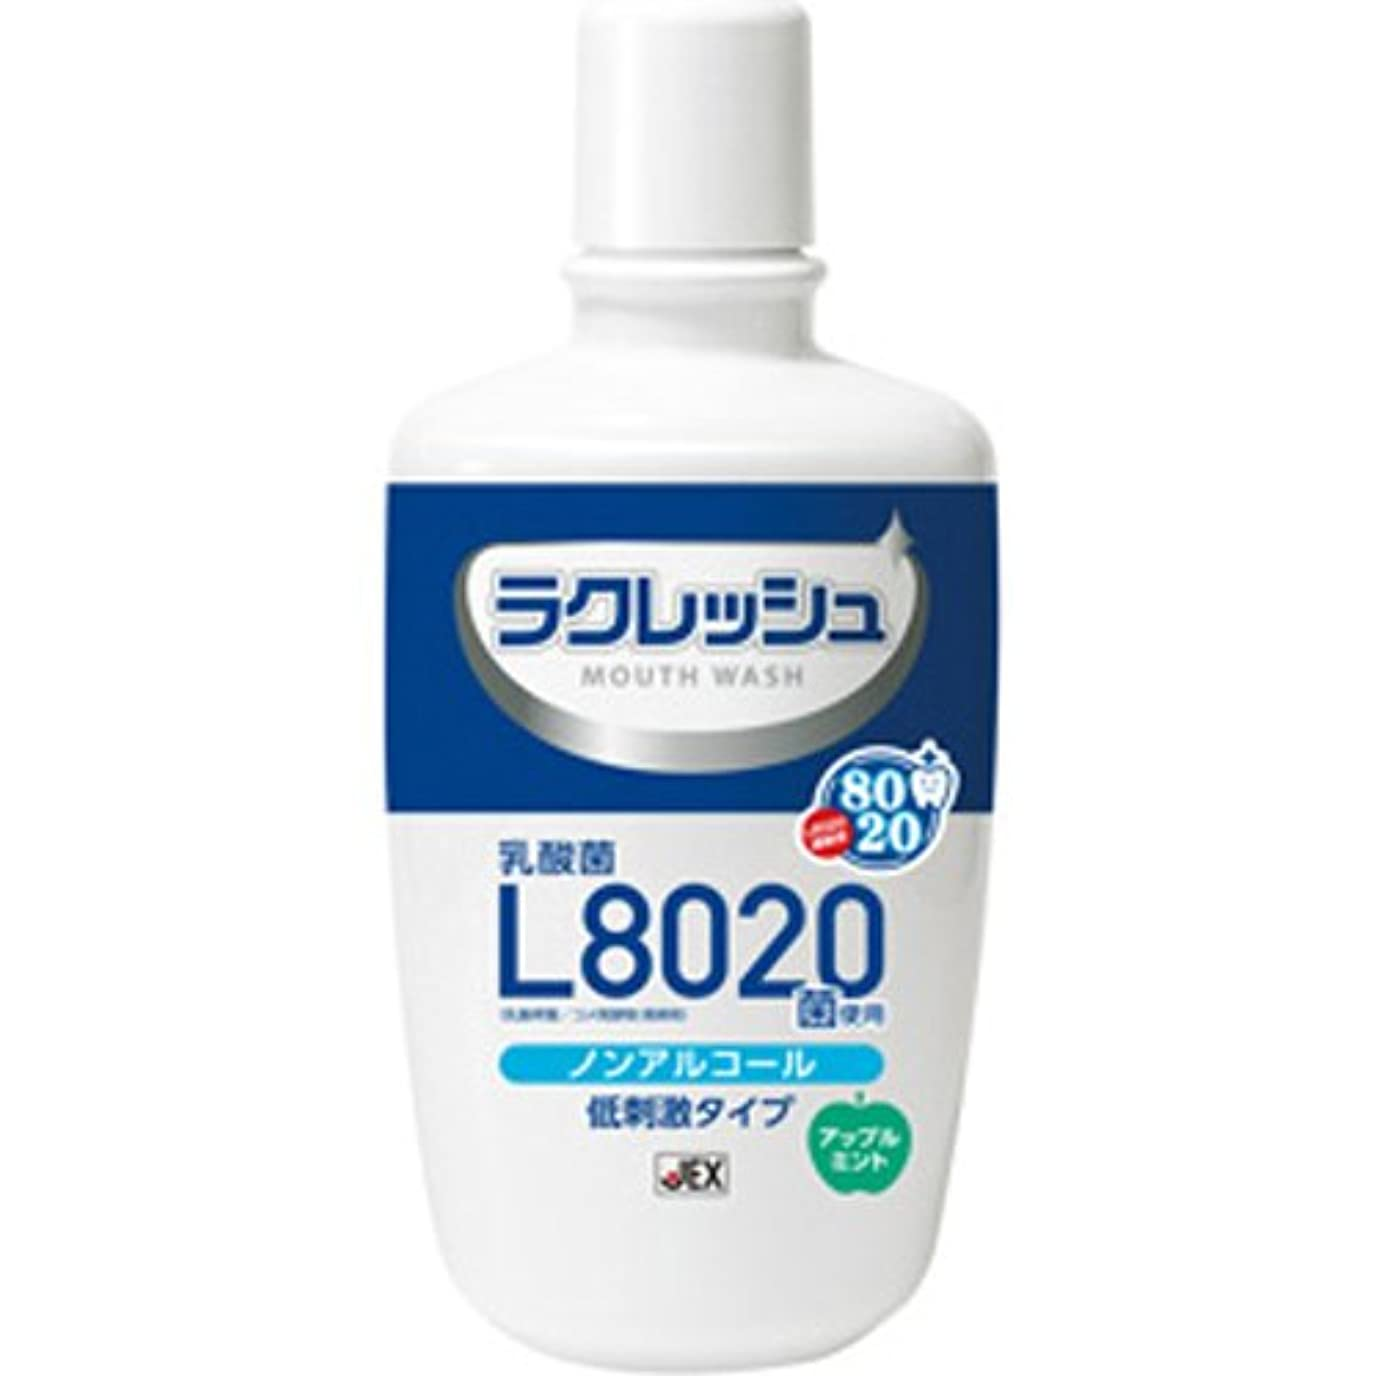 メカニッククレーンリア王ラクレッシュ L8020菌入 マウスウォッシュ × 10個セット